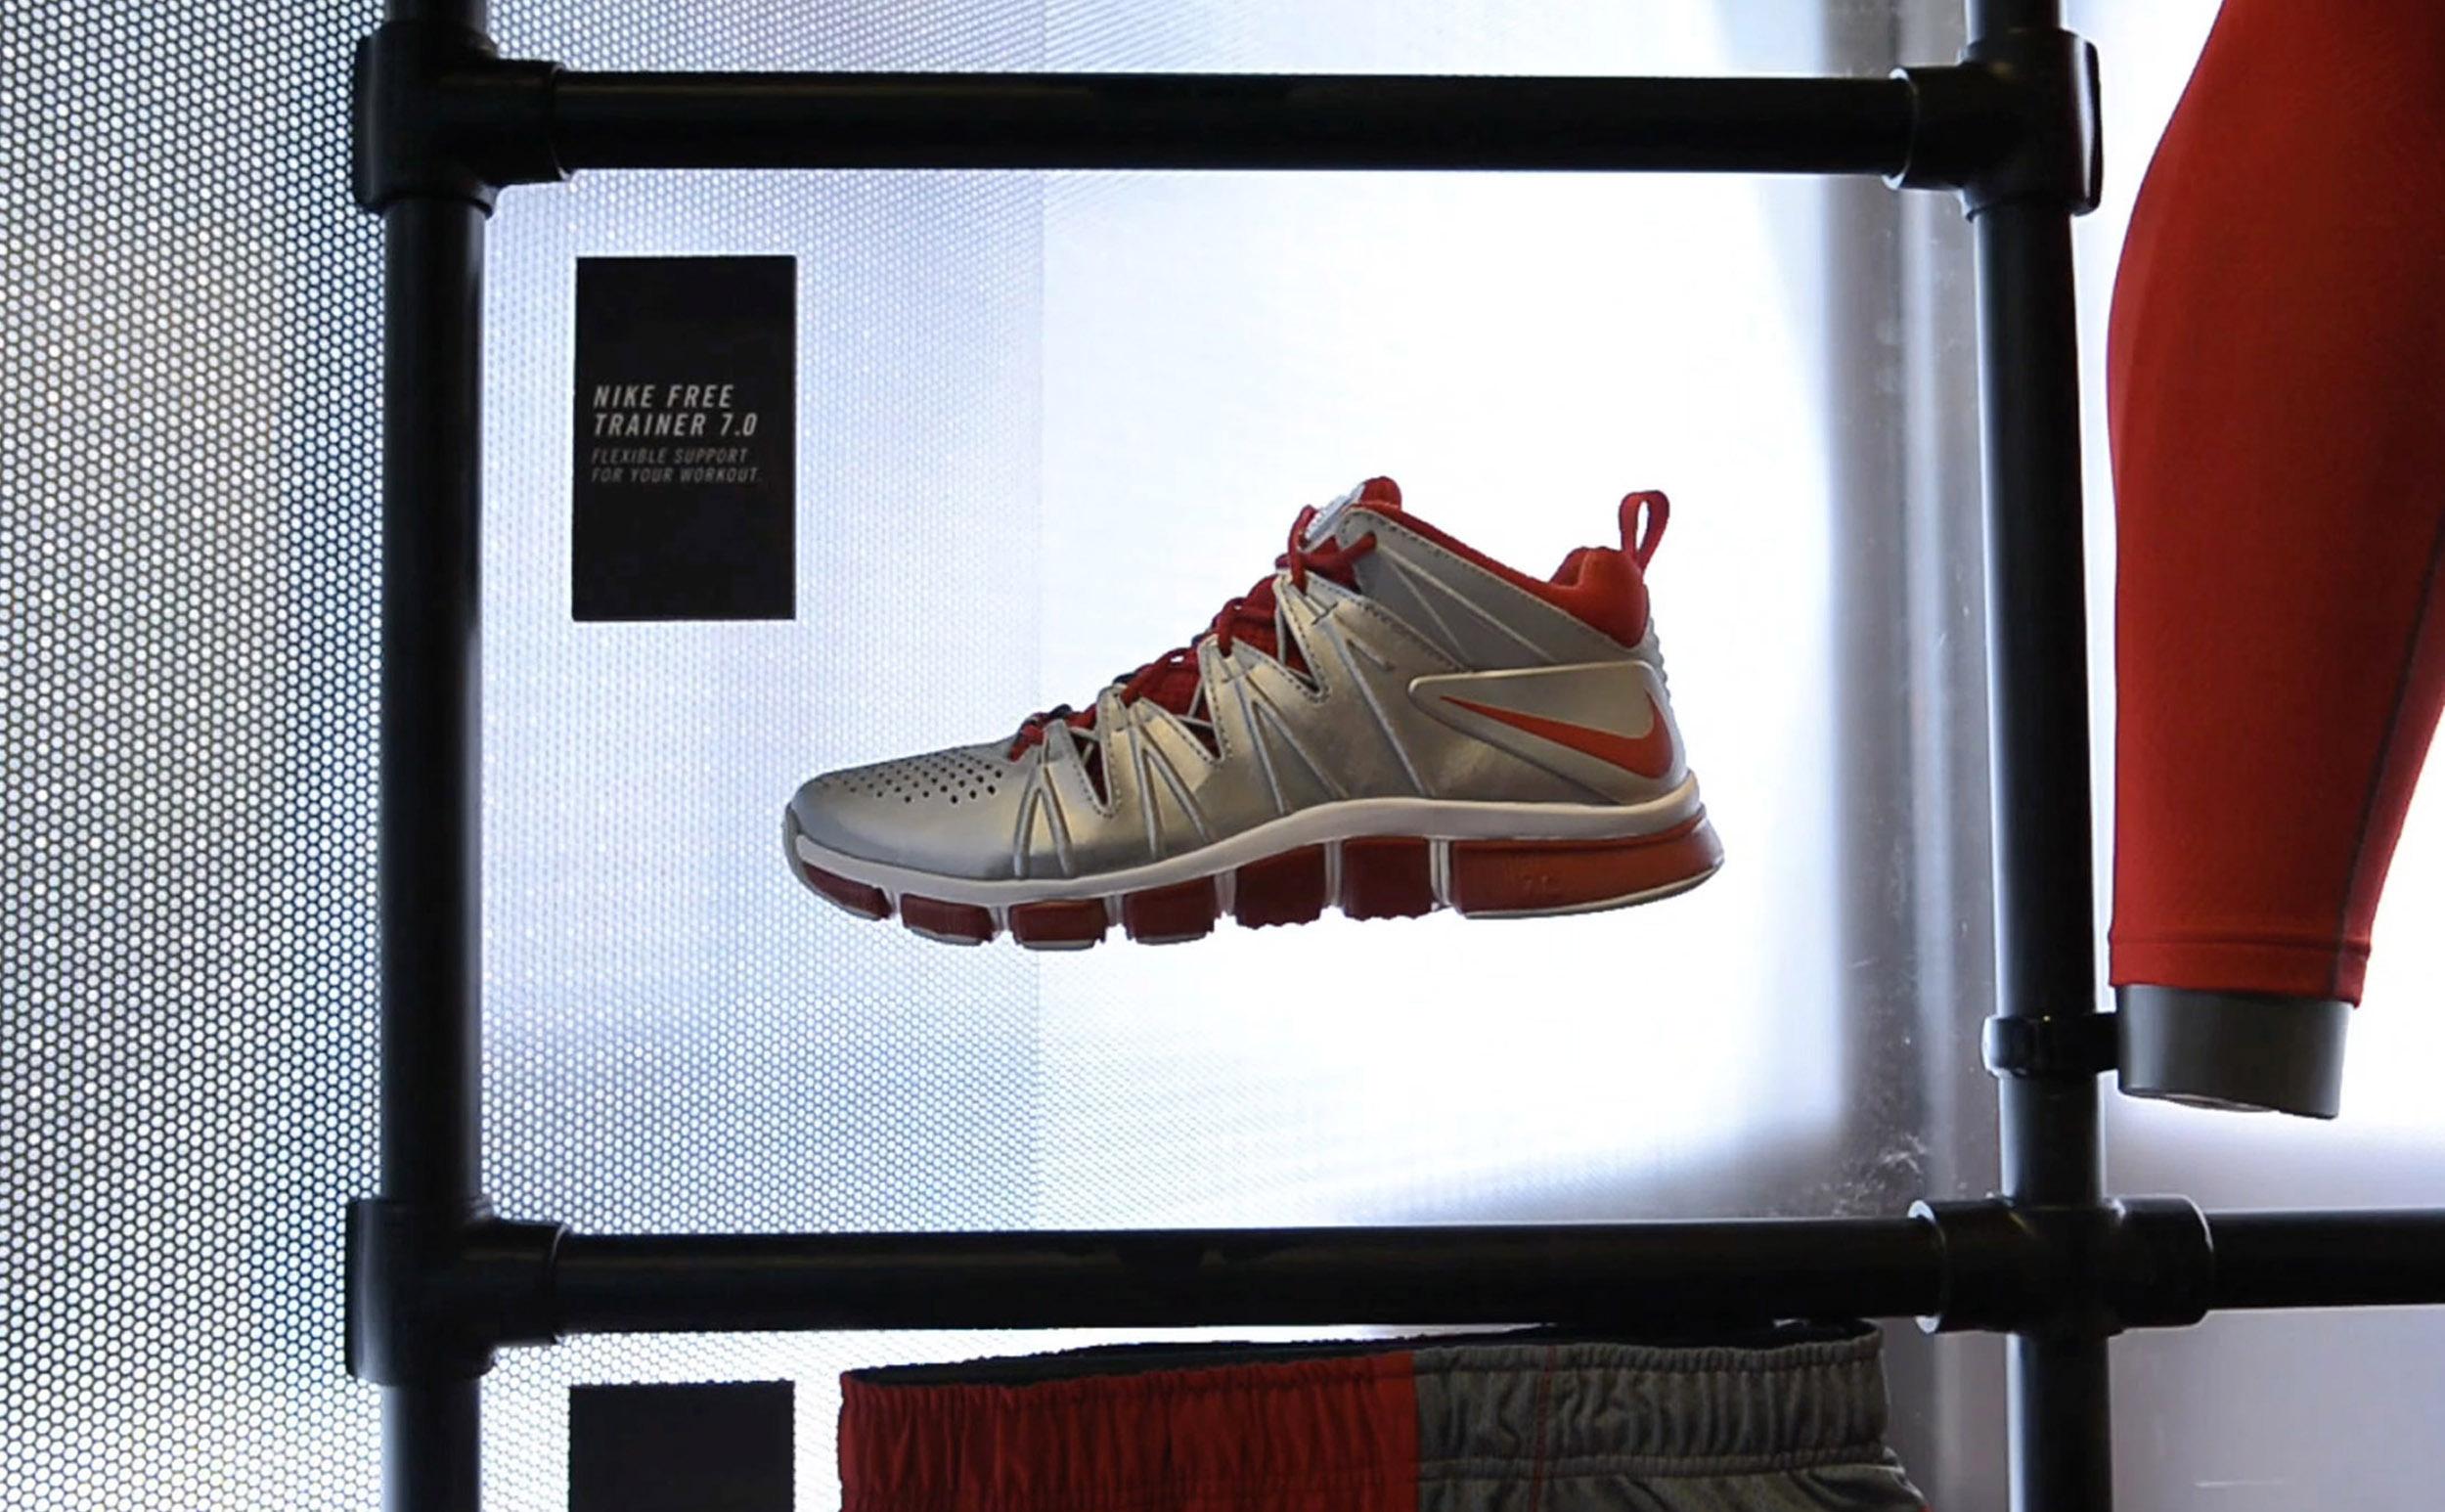 00_Ryan_Bubion_Nike_NY_04